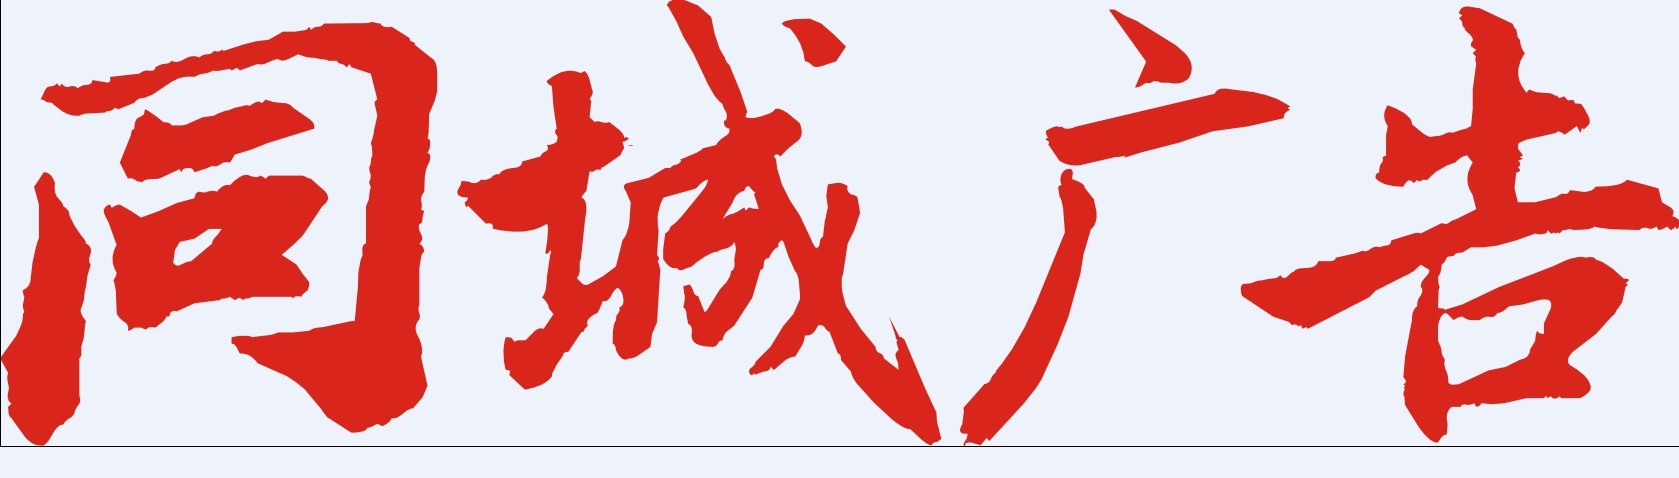 峰峰同城广告诚招平面设计一名!